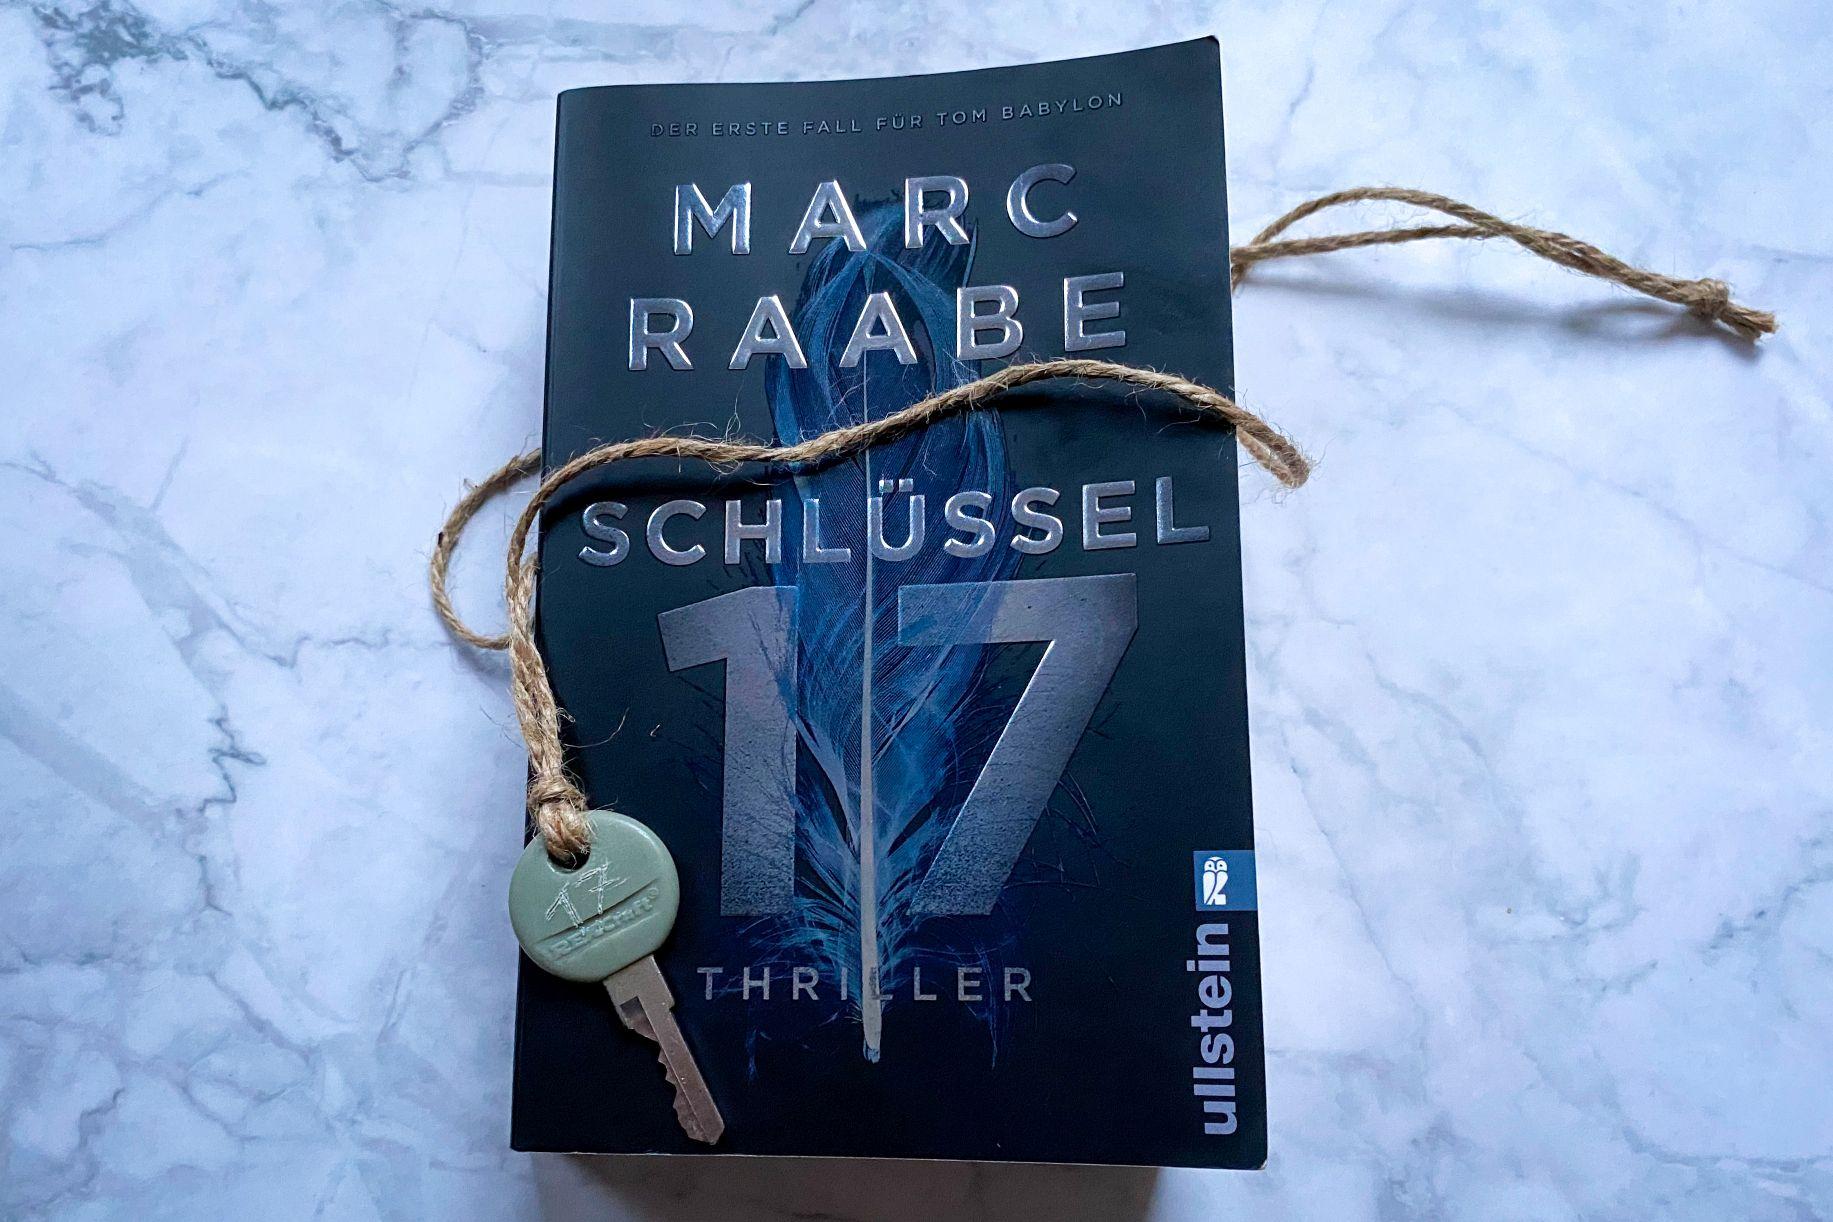 Marc Raabe Schlüssel 17 Thriller Berlin Deutschland Tom Babylon Sita Johanns